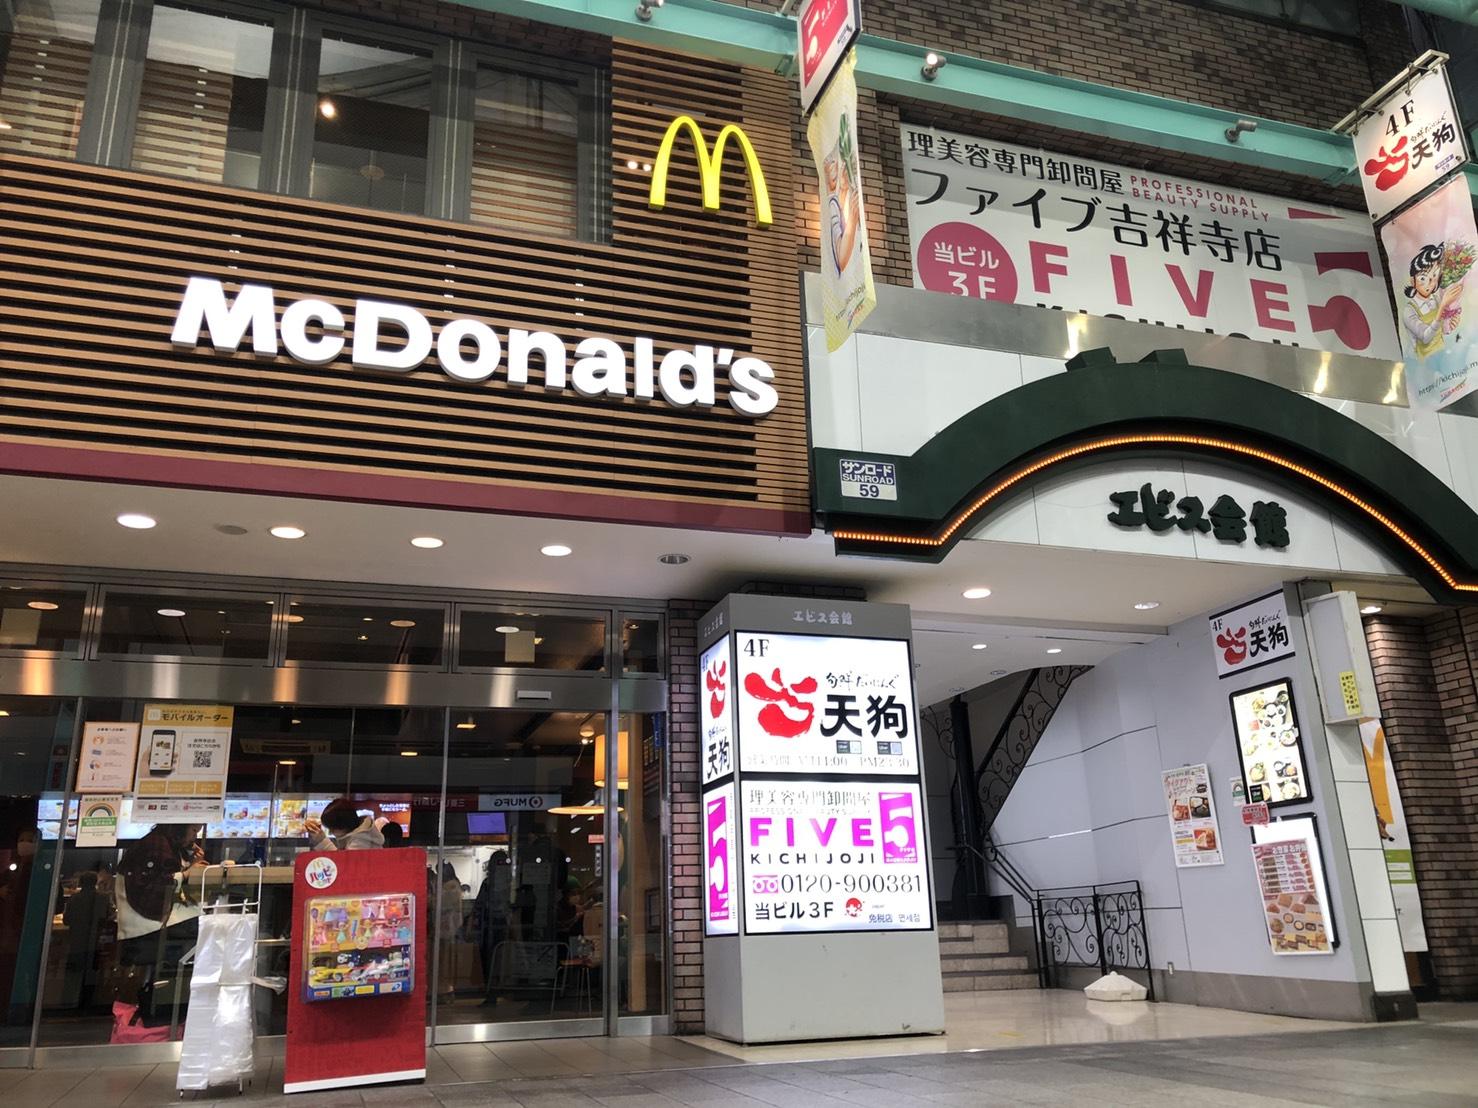 Five Kichijoji (Tokyo)